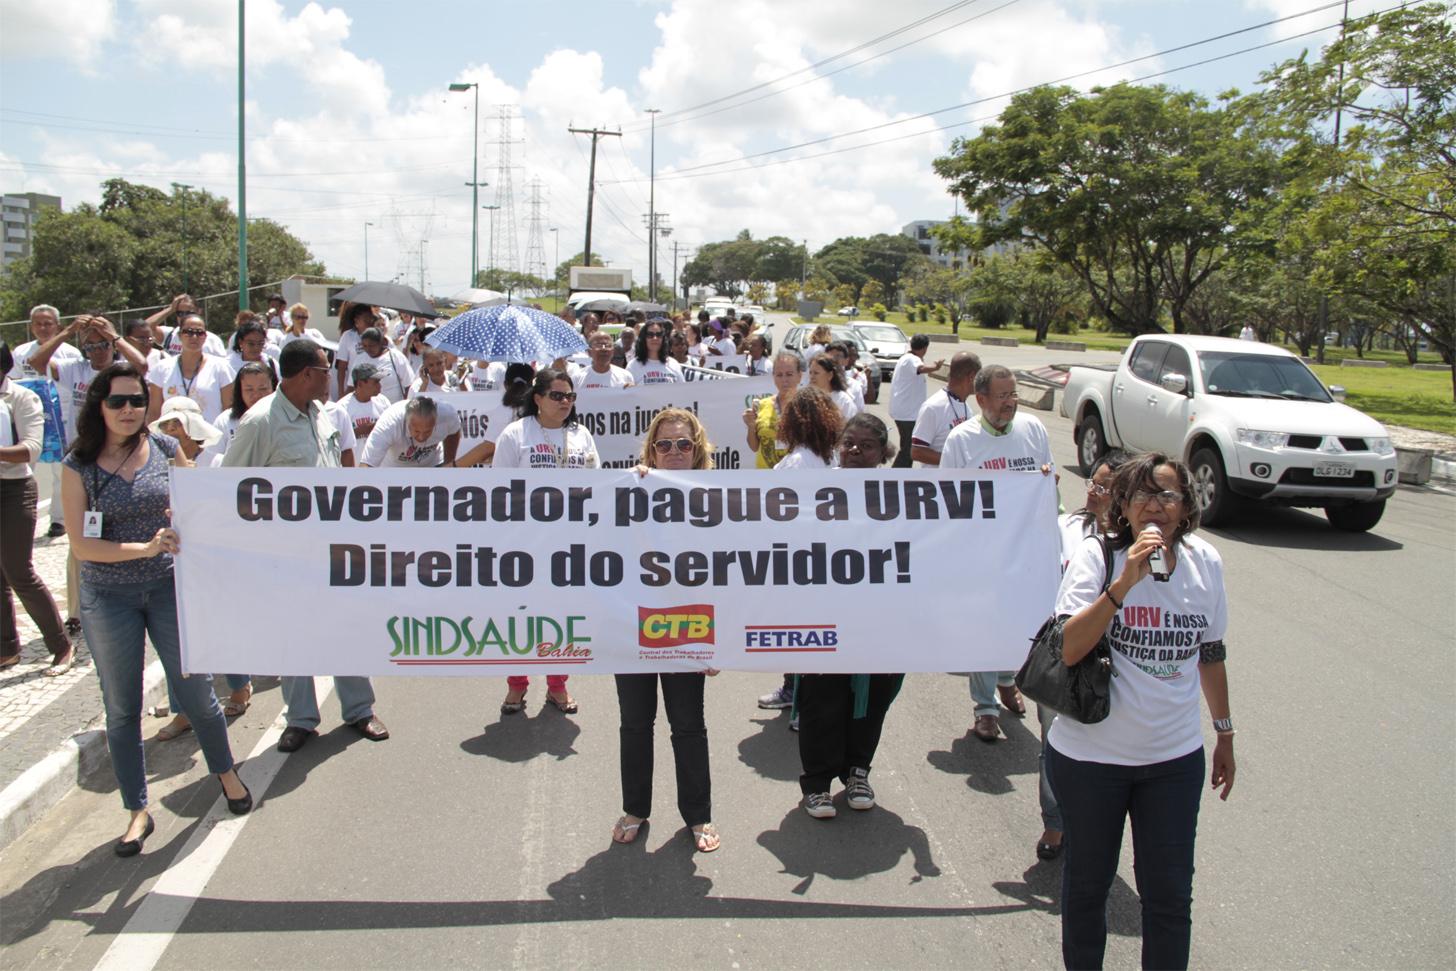 Passeata dos servidores da Saúde no CAB pela URV - 19-09-2013 - Fotos: Carlos Américo